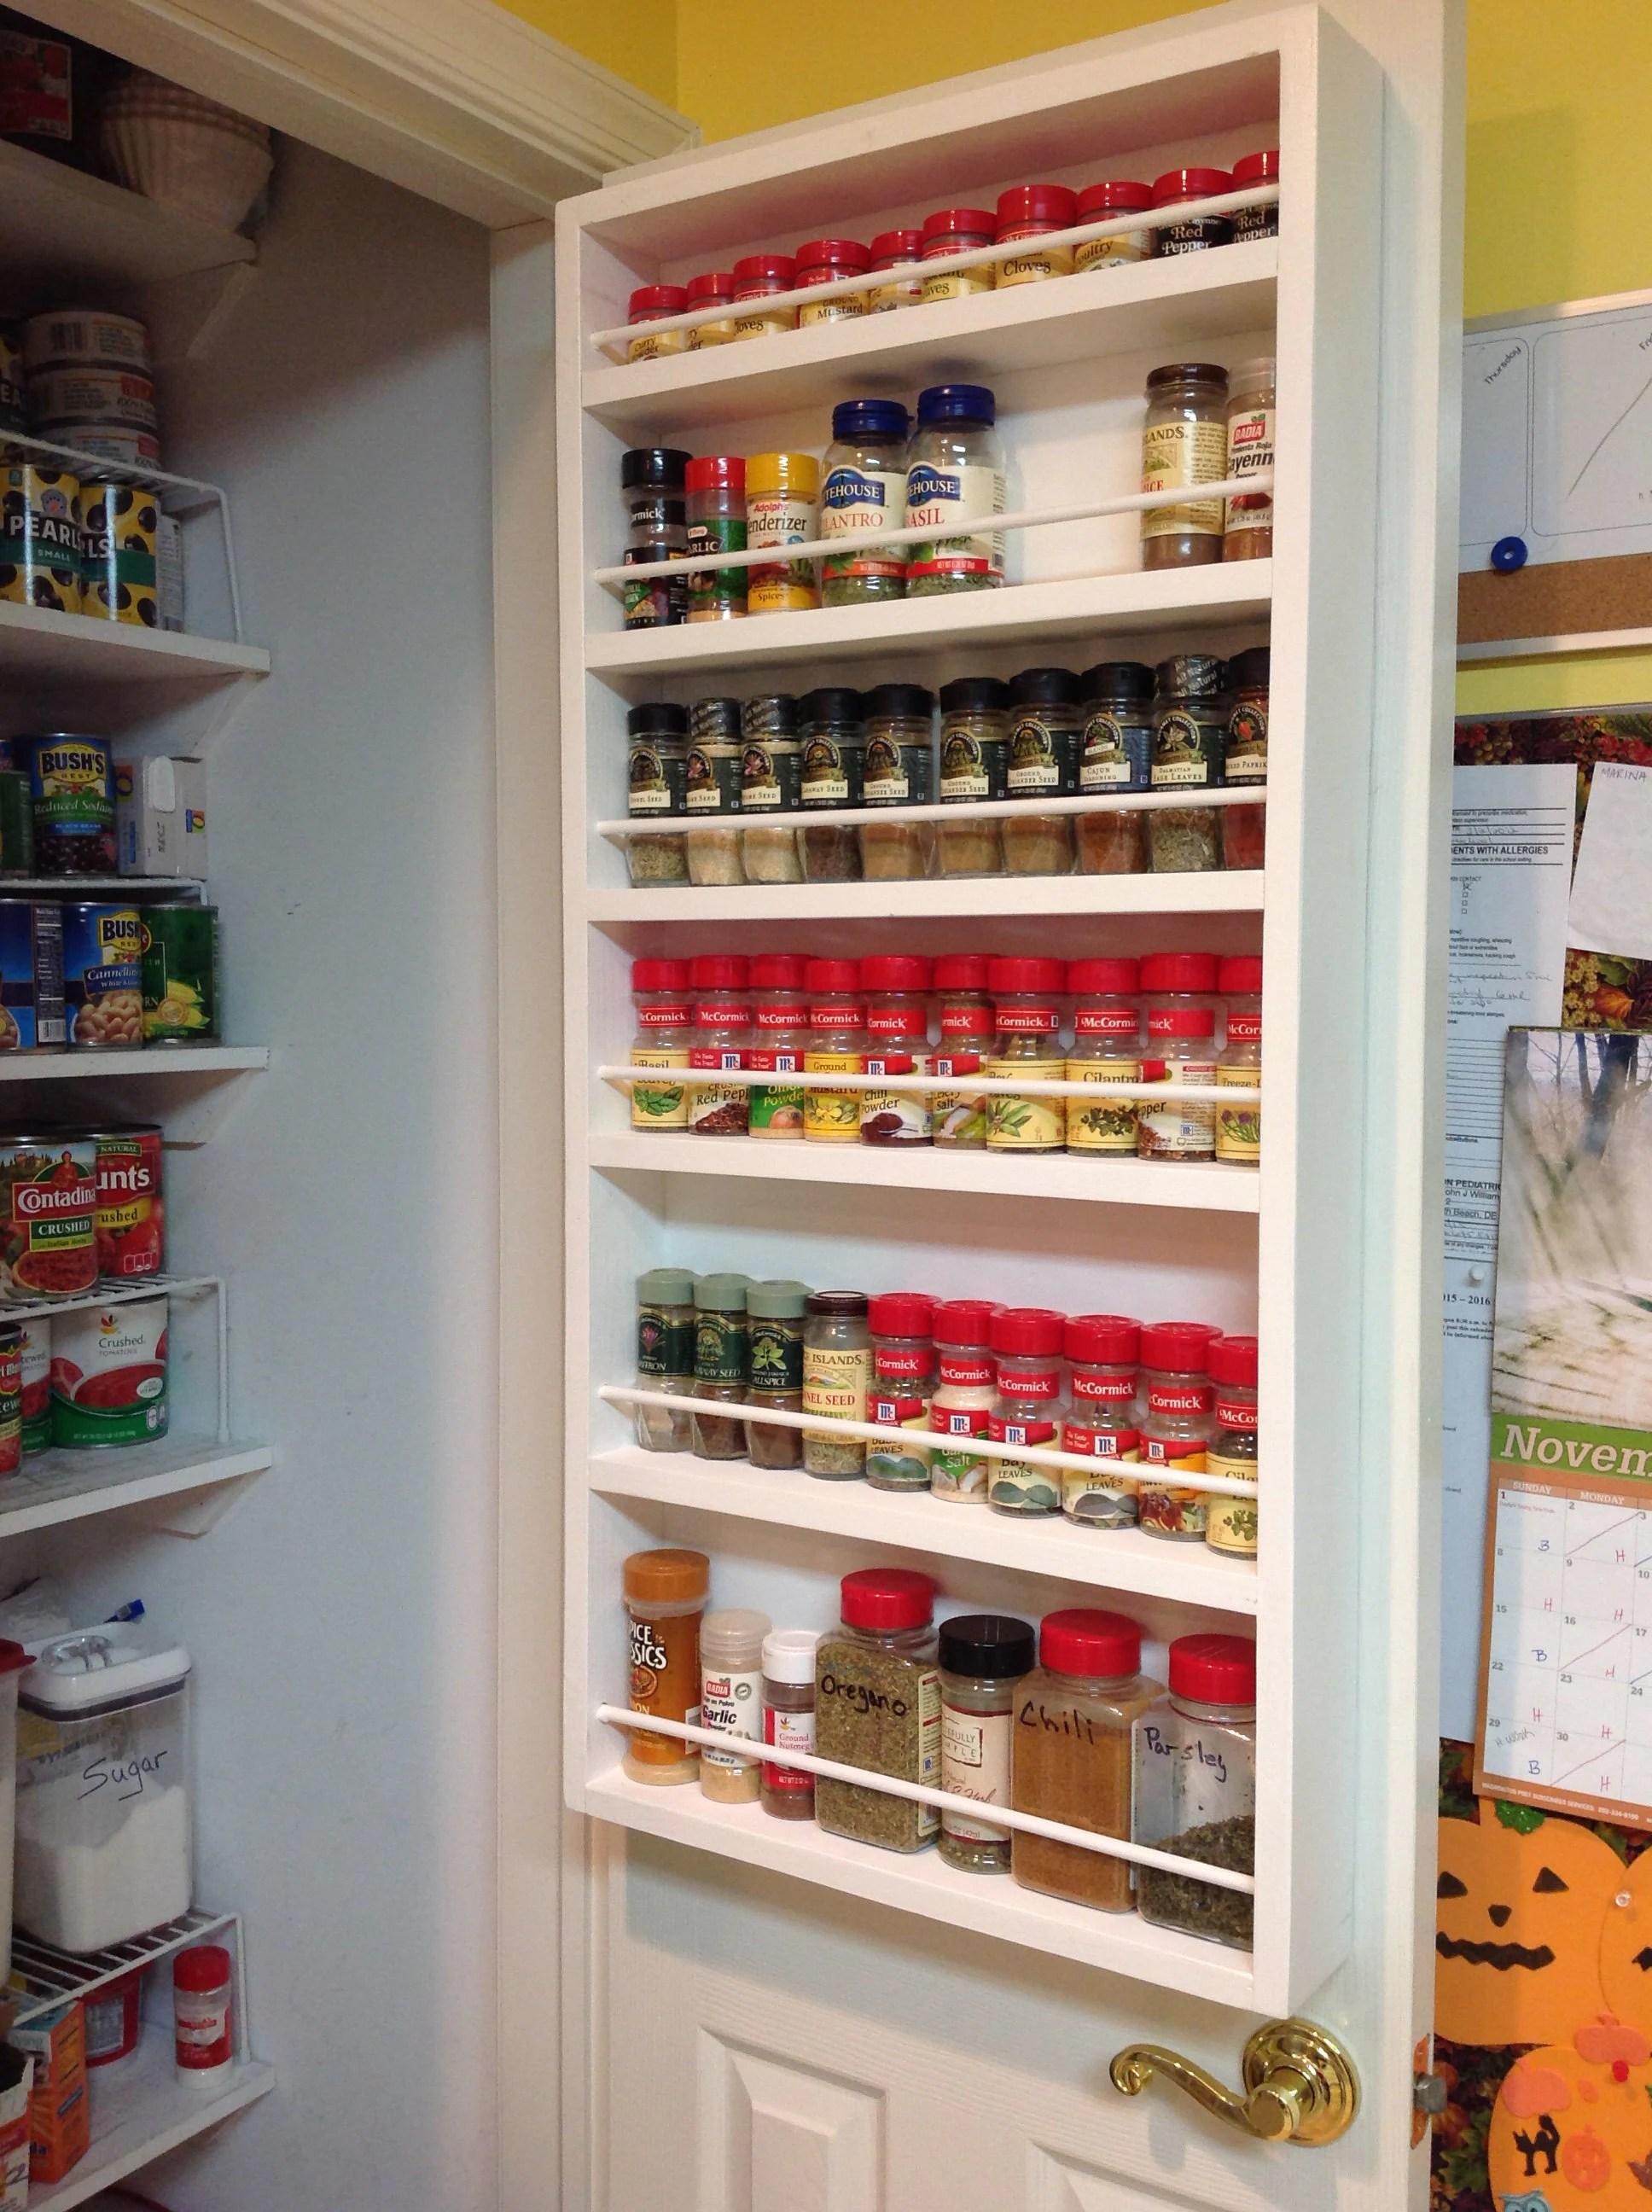 spice rack door mounted spice rack pantry door spice rack spice rack organizer back of door spice rack pantry door storage